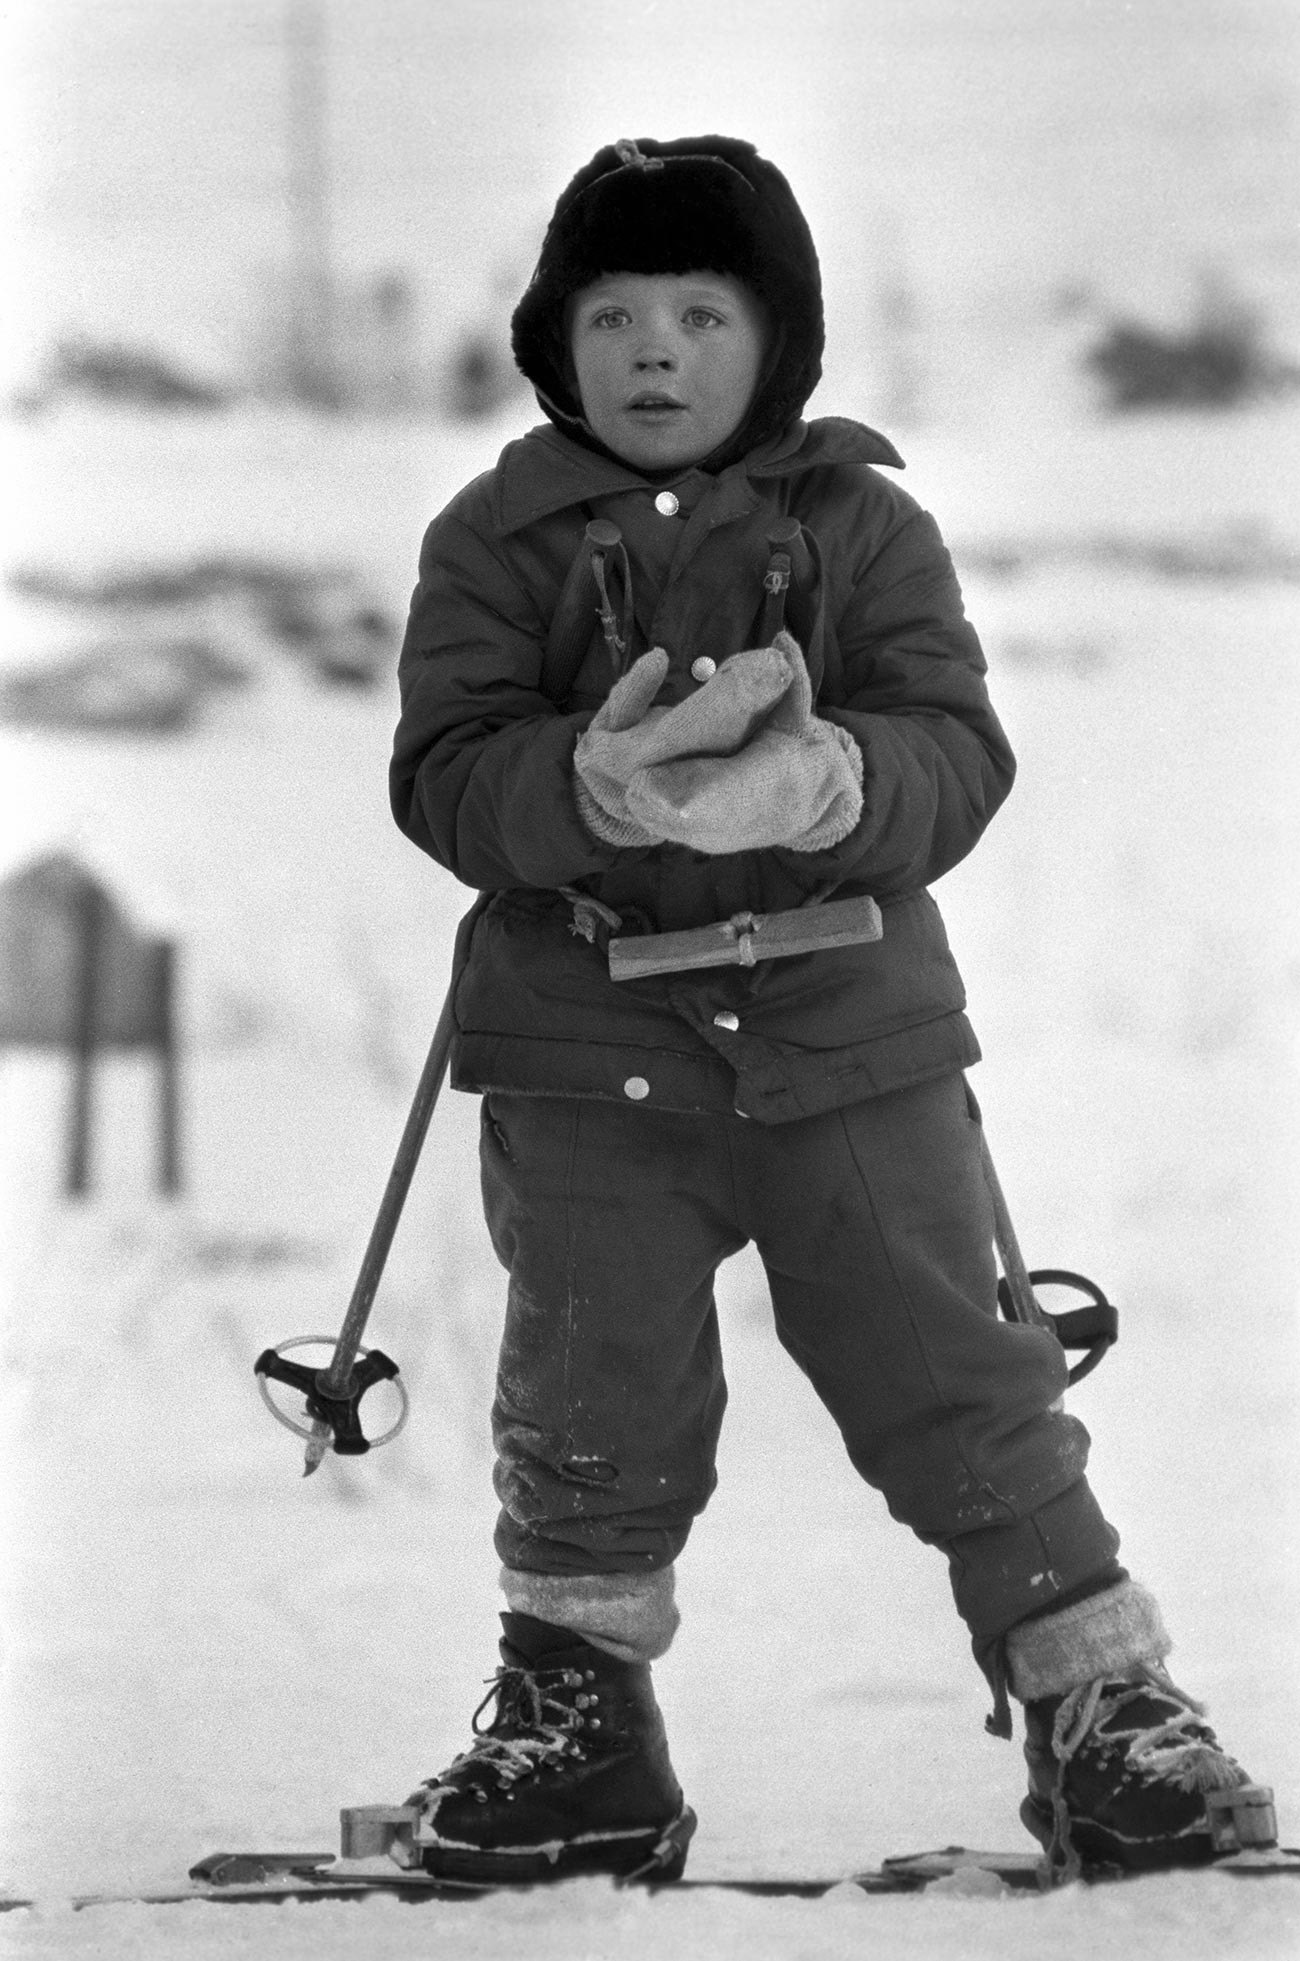 Škola skijanja u Mončegorsku. Mladi skijaš.